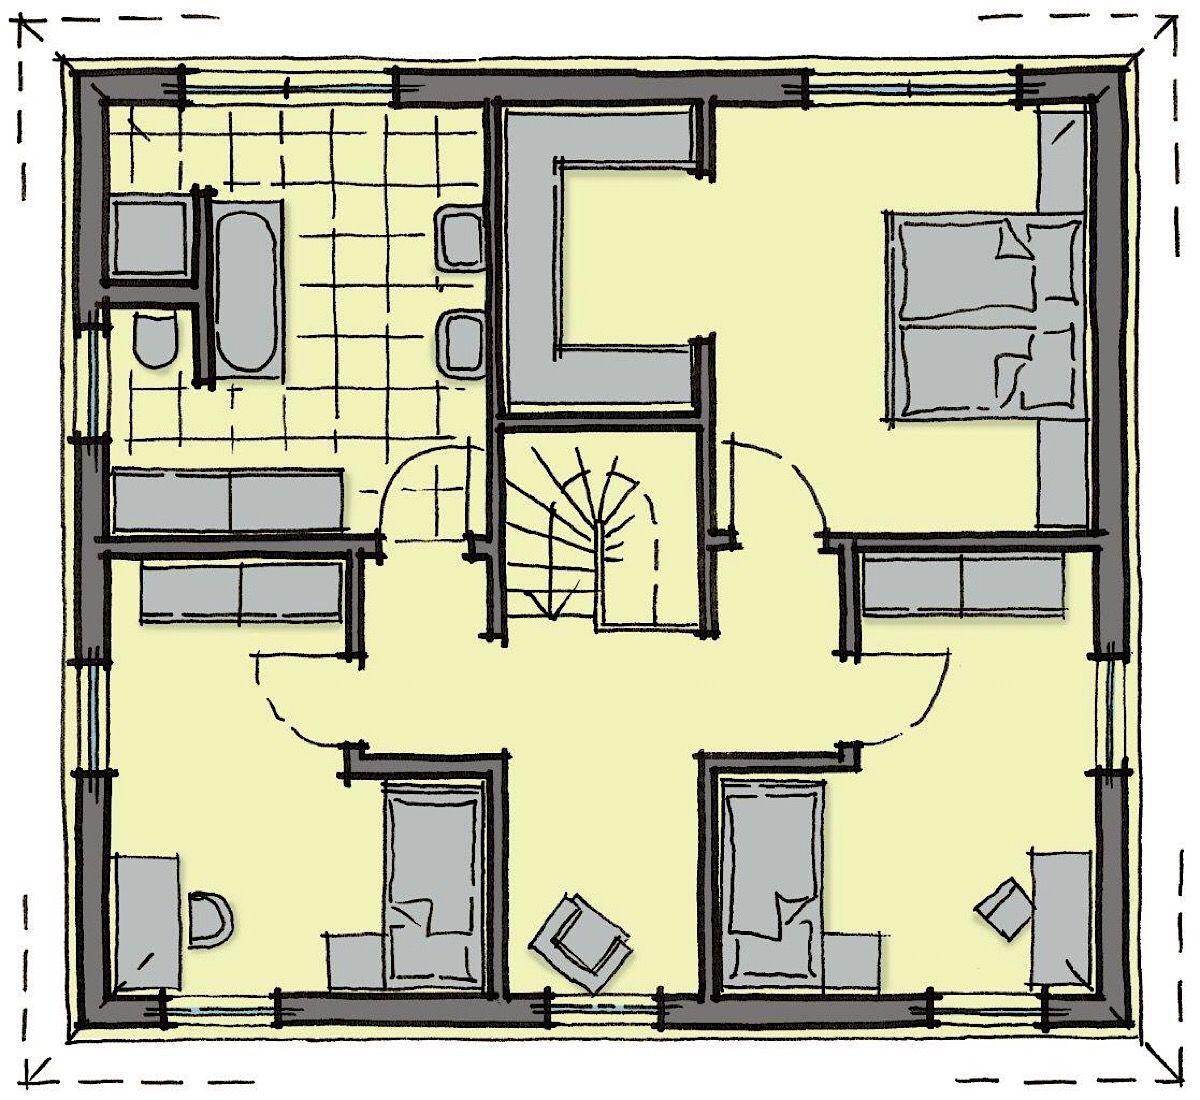 Fertighaus Stadtvilla Grundriss Obergeschoss mit Walmdach